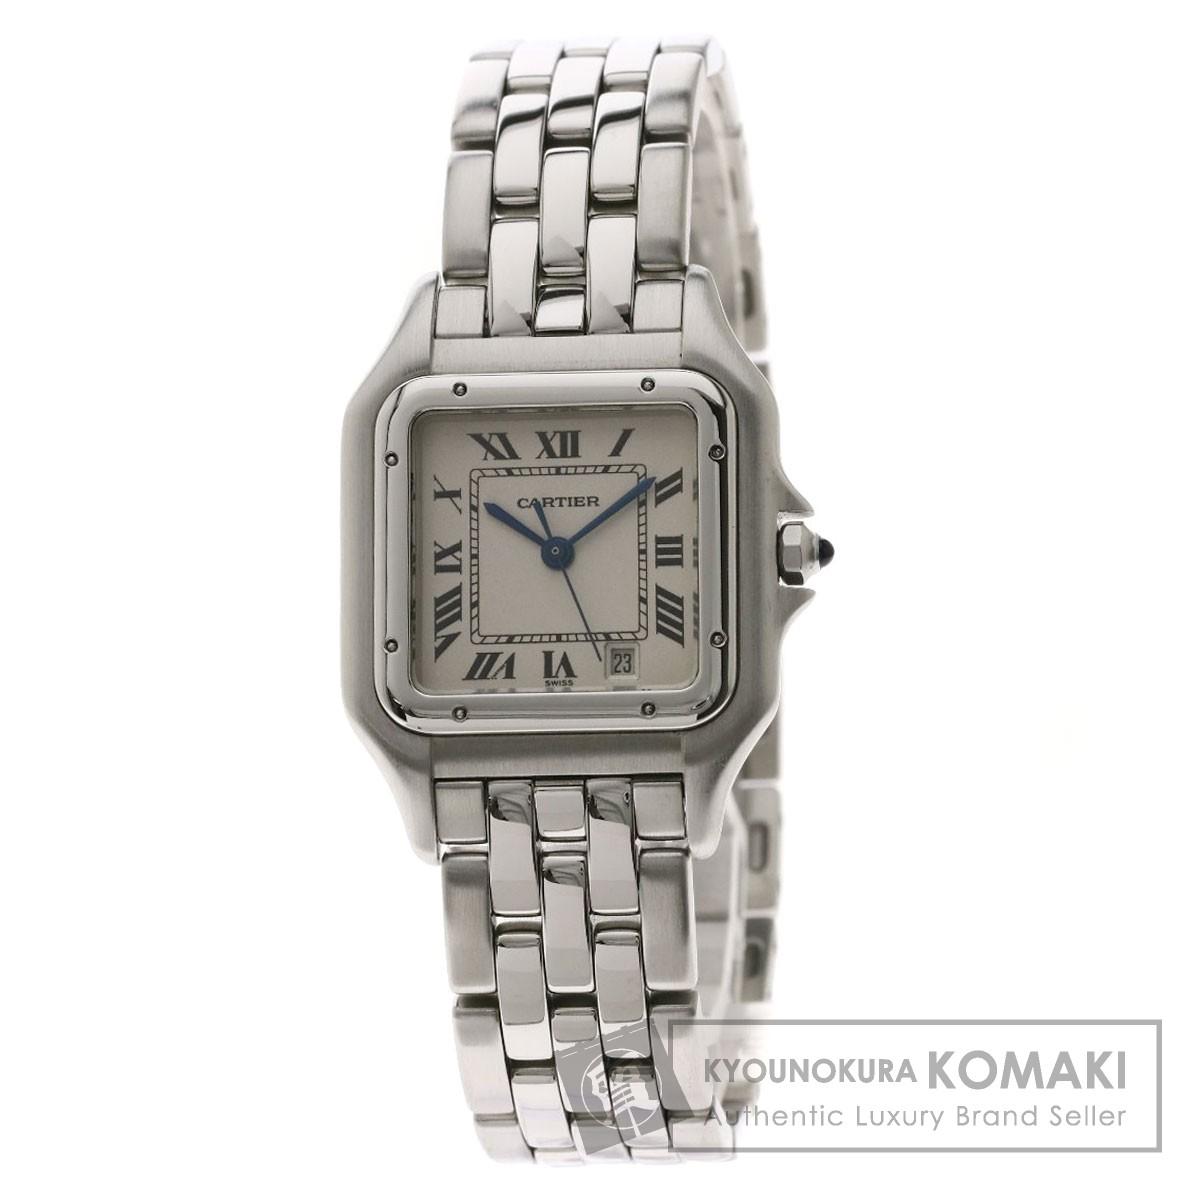 カルティエ パンテールMM 腕時計 ステンレススチール/SS メンズ 【中古】【CARTIER】